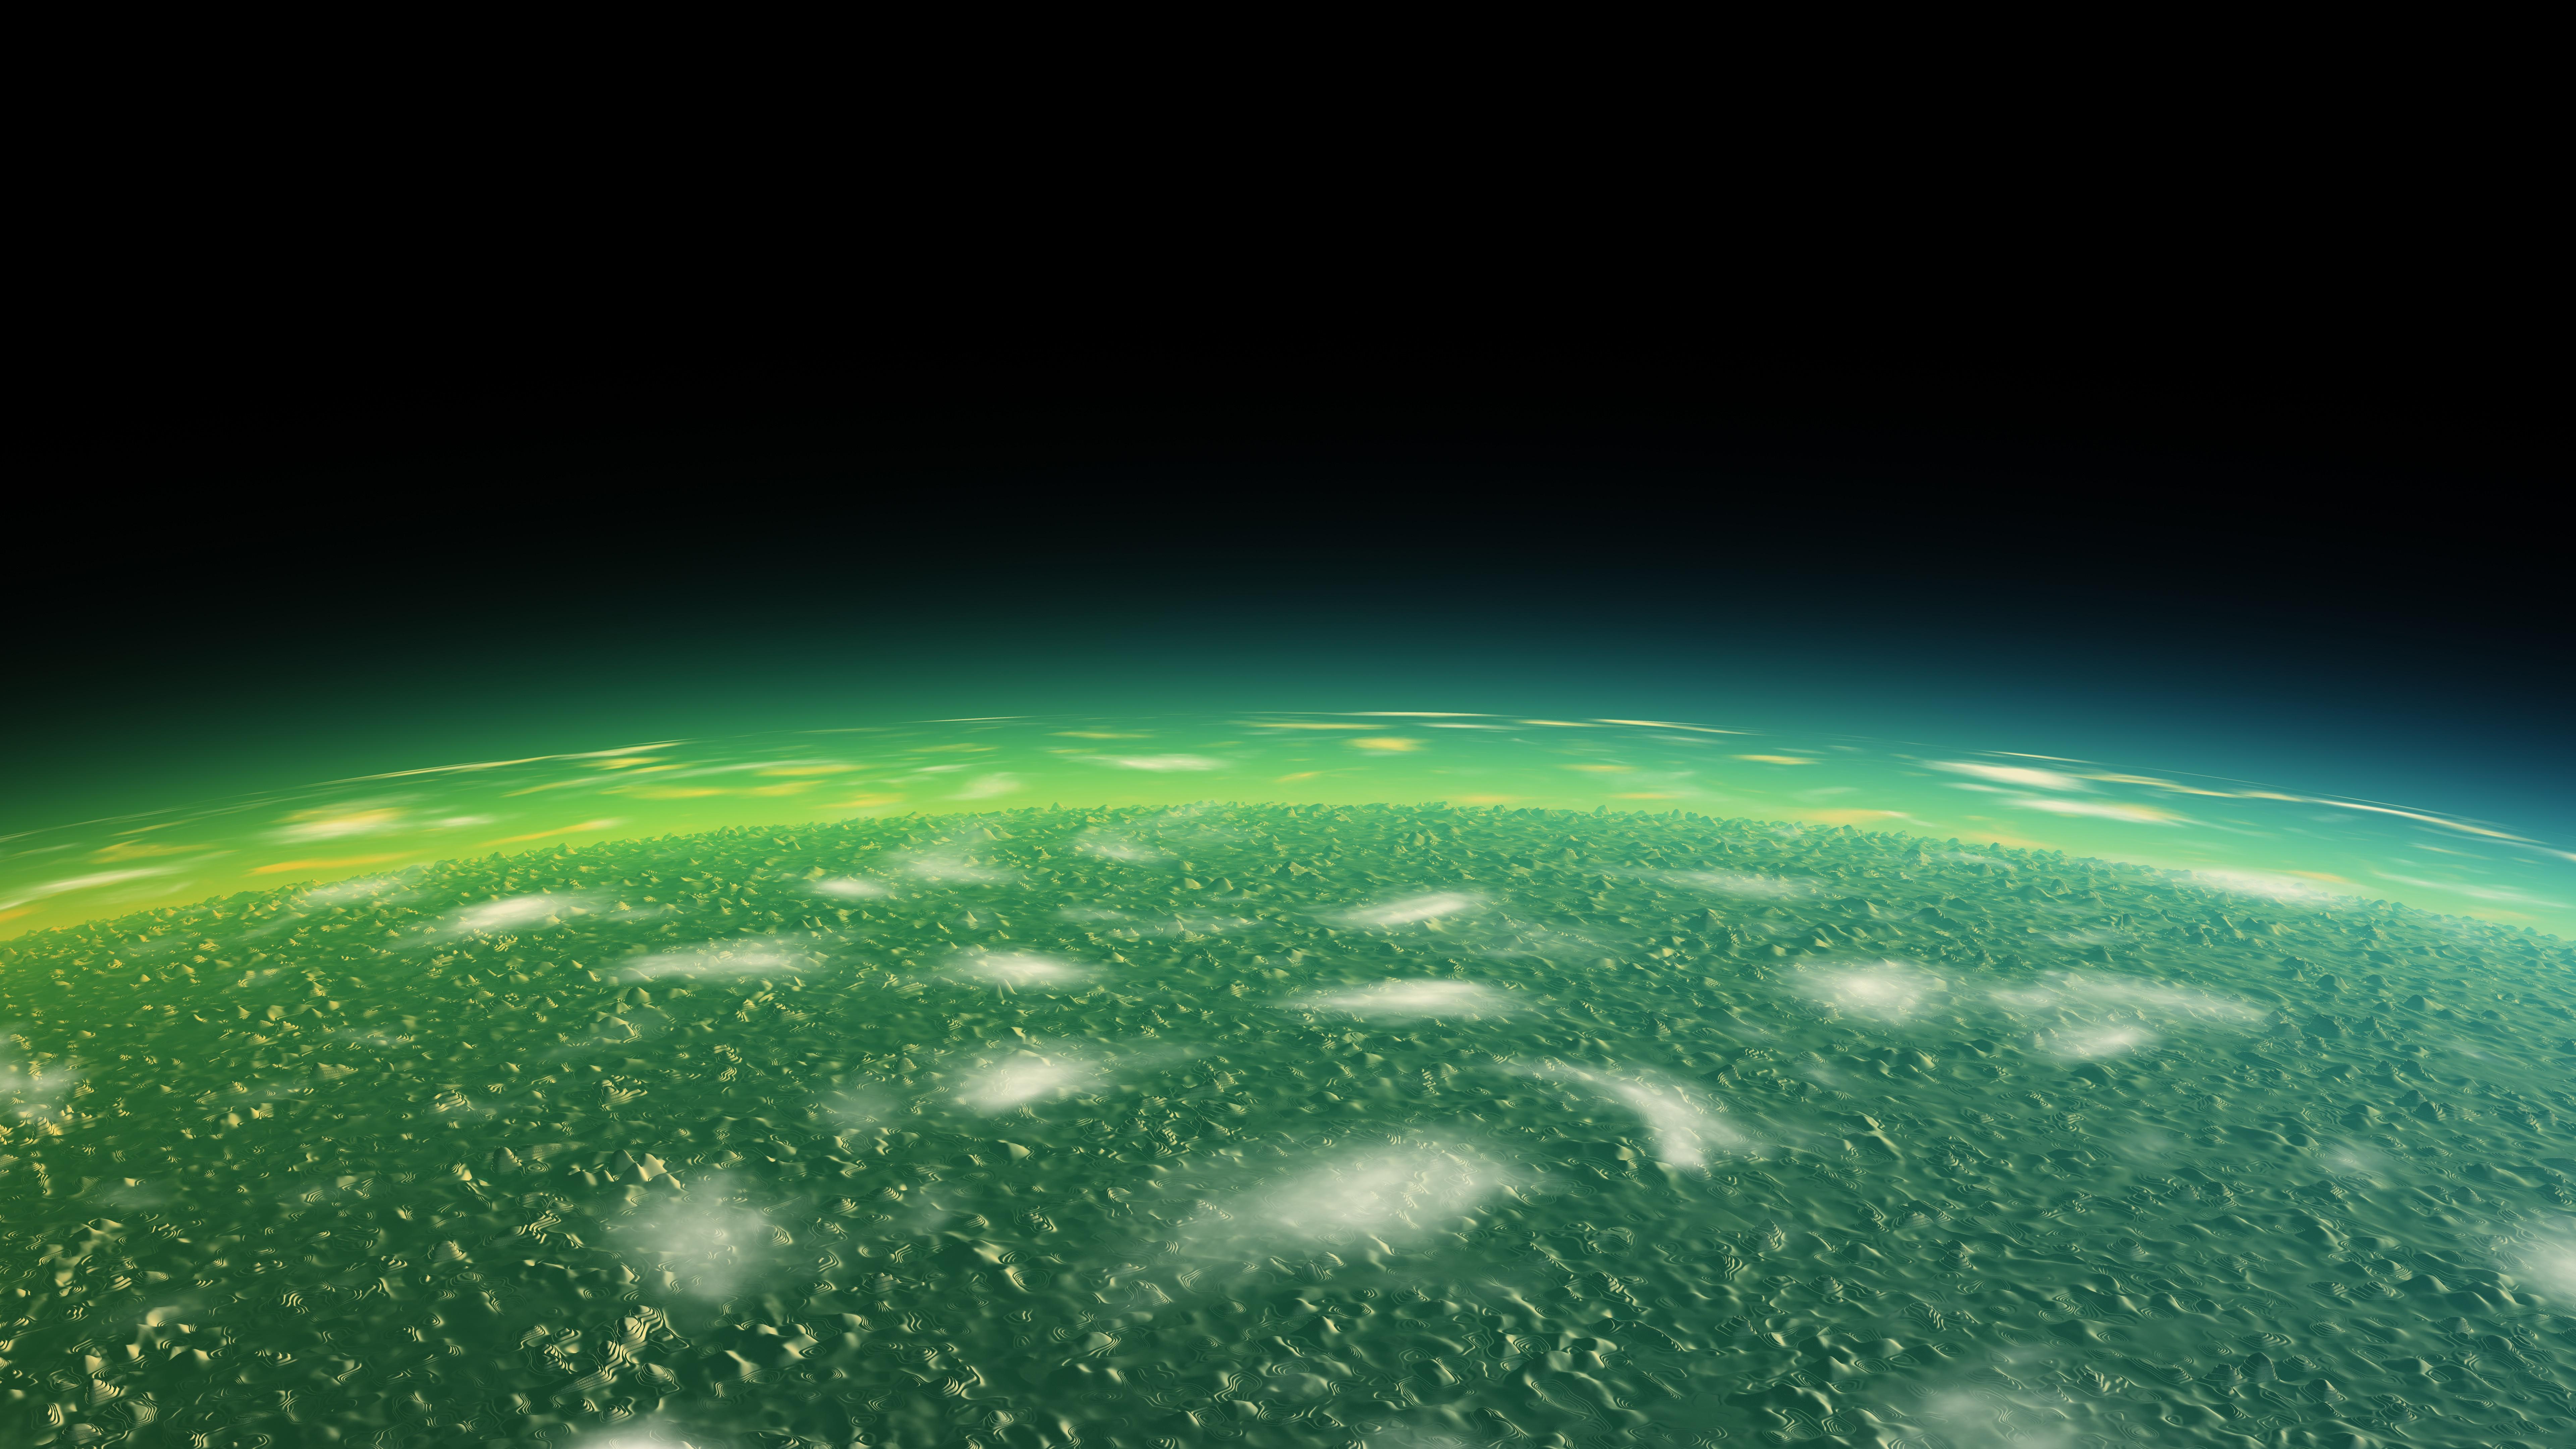 Alien green planet wallpaper